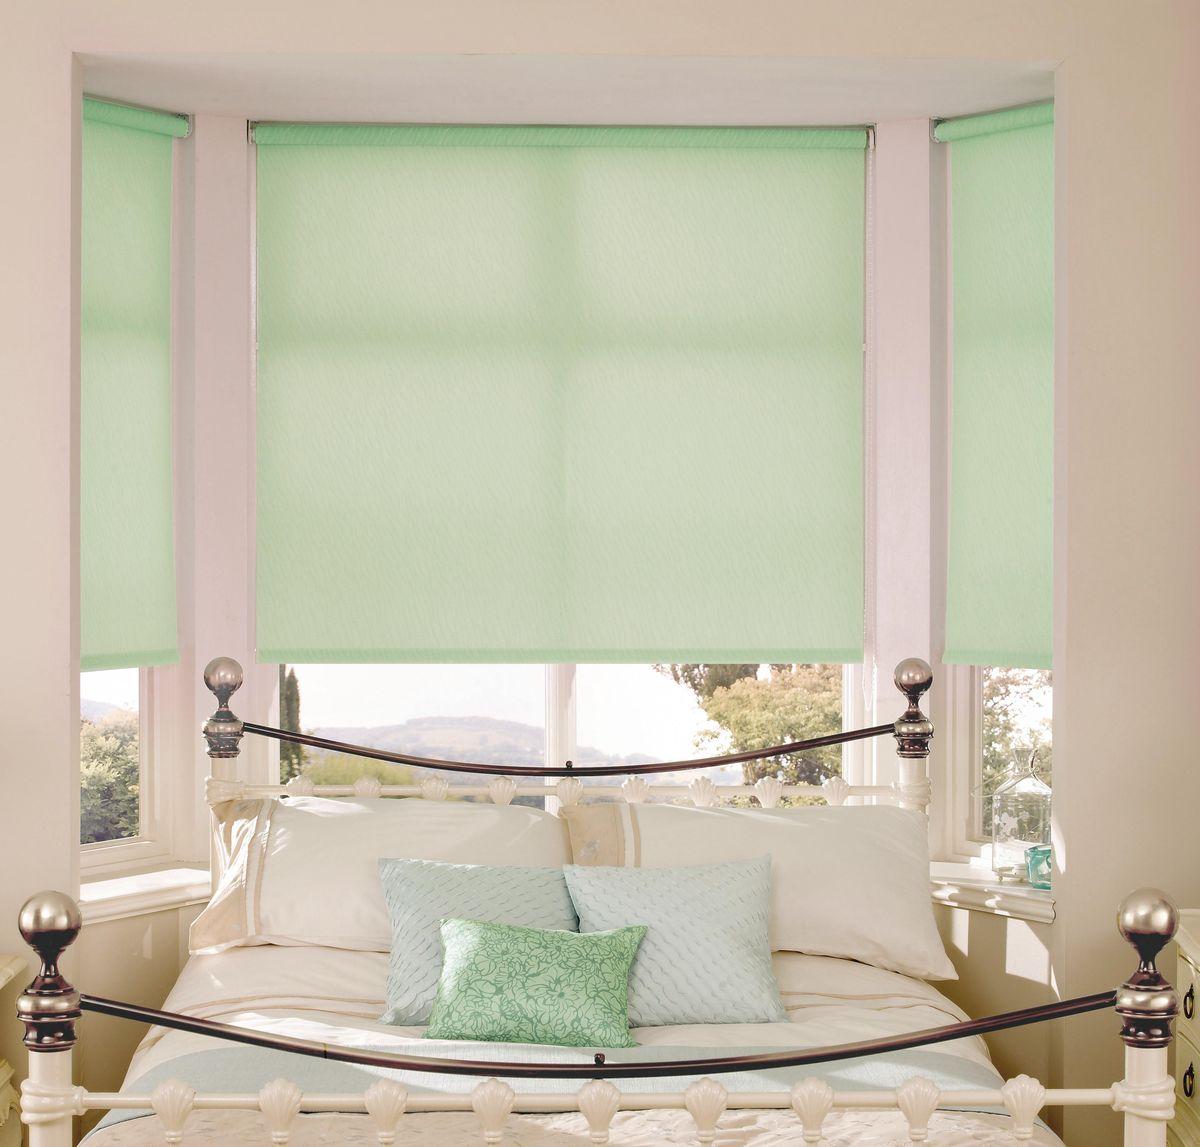 Штора рулонная Эскар, цвет: светло-зеленый, ширина 120 см, высота 170 см81017120170Рулонными шторами можно оформлять окна как самостоятельно, так и использовать в комбинации с портьерами. Это поможет предотвратить выгорание дорогой ткани на солнце и соединит функционал рулонных с красотой навесных. Преимущества применения рулонных штор для пластиковых окон: - имеют прекрасный внешний вид: многообразие и фактурность материала изделия отлично смотрятся в любом интерьере; - многофункциональны: есть возможность подобрать шторы способные эффективно защитить комнату от солнца, при этом о на не будет слишком темной. - Есть возможность осуществить быстрый монтаж. ВНИМАНИЕ! Размеры ширины изделия указаны по ширине ткани! Во время эксплуатации не рекомендуется полностью разматывать рулон, чтобы не оторвать ткань от намоточного вала. В случае загрязнения поверхности ткани, чистку шторы проводят одним из способов, в зависимости от типа загрязнения: легкое поверхностное загрязнение можно удалить при помощи...